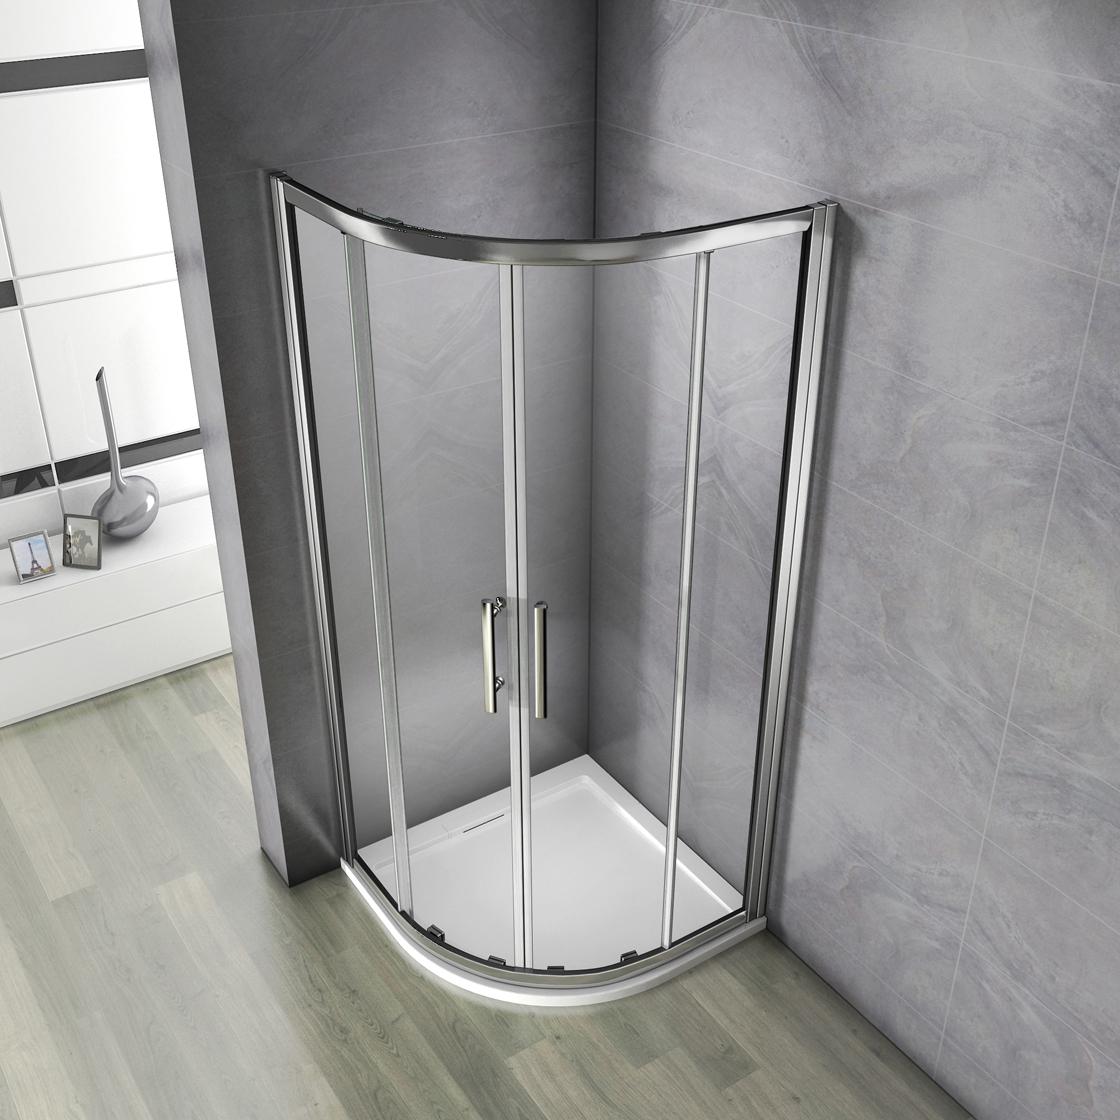 duschkabine runddusche viertelkreis duschabtrennung dusche acryl duschtasse195cm ebay. Black Bedroom Furniture Sets. Home Design Ideas